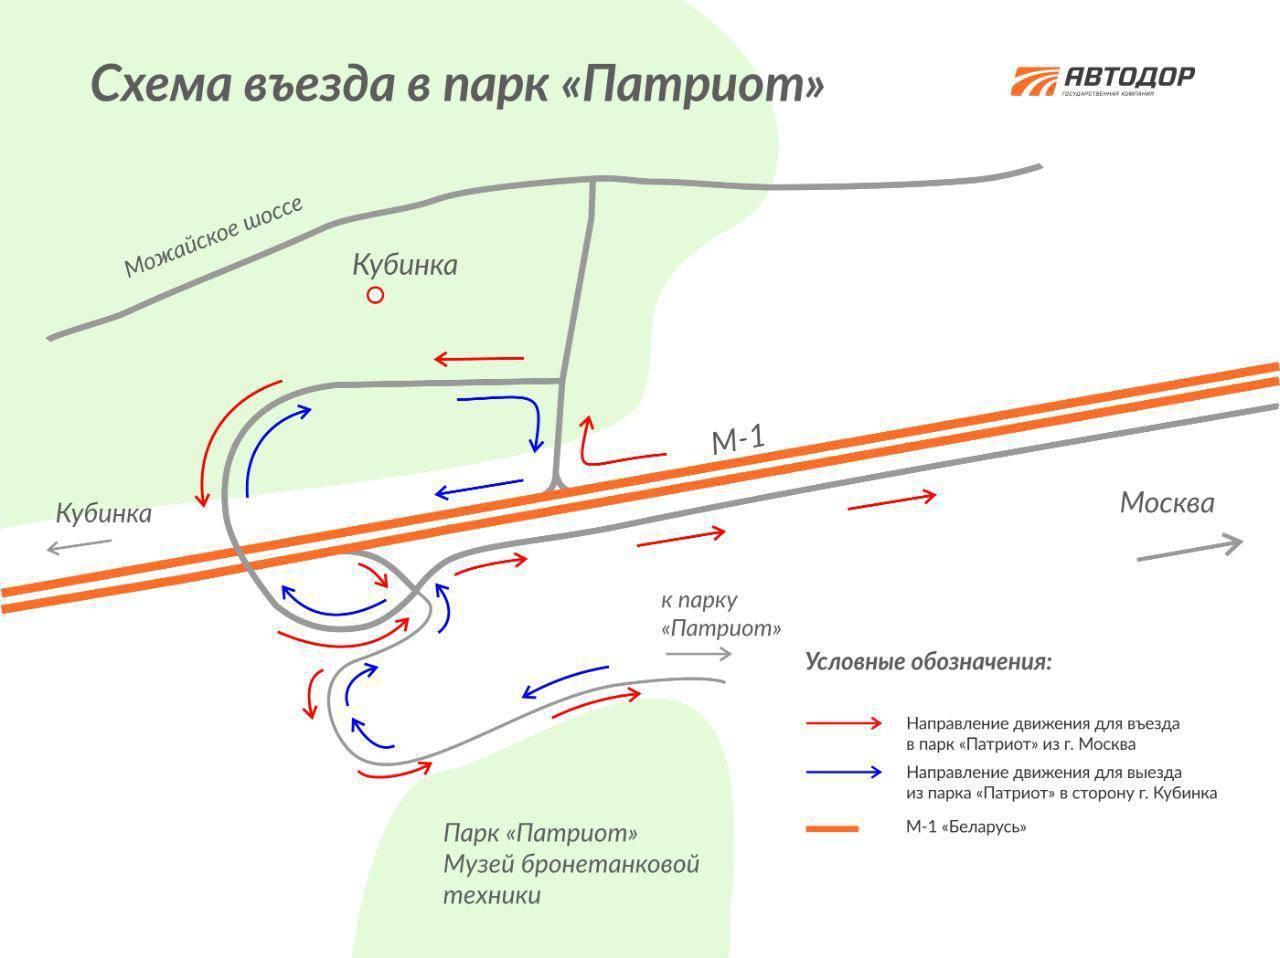 Схема проезда с трассы «Беларусь» в парк «Патриот» изменилась в Подмосковье   Изображение 1